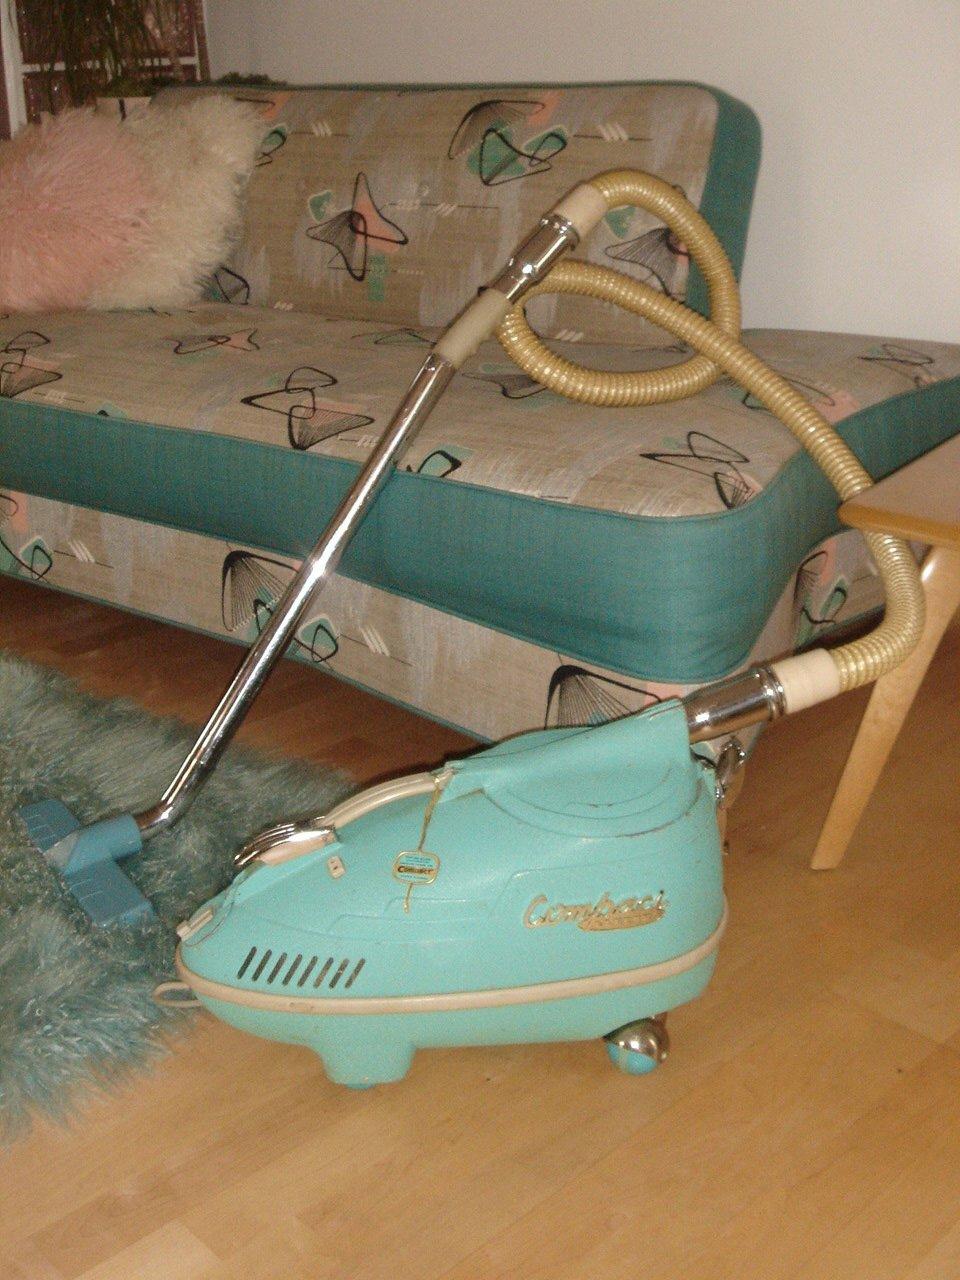 1950s vacuum cleaner